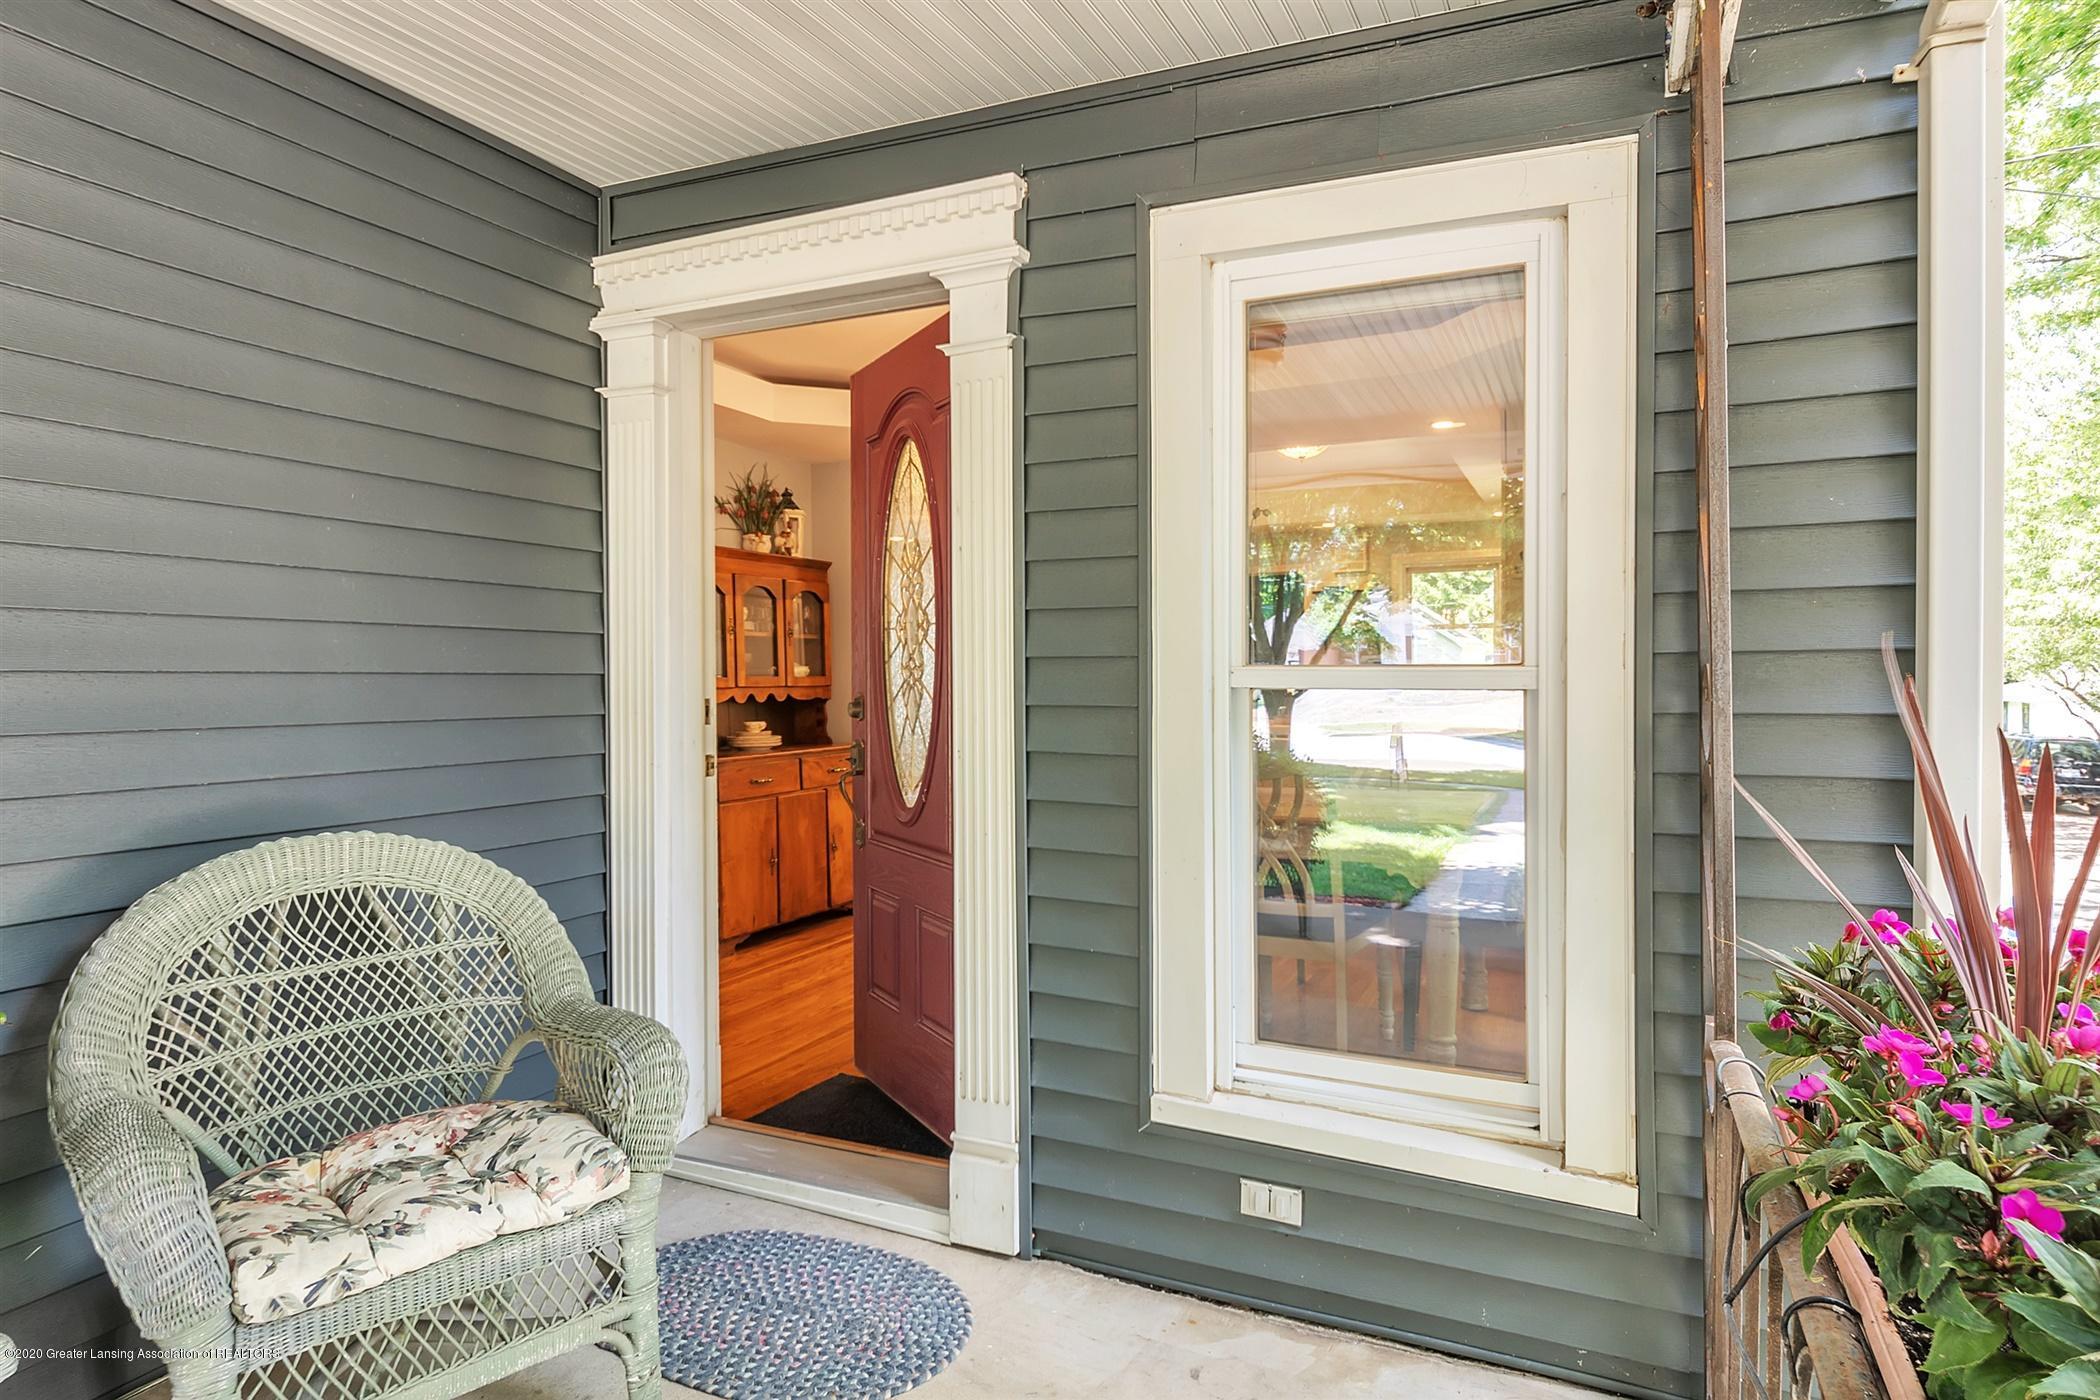 608 W Jefferson St - 06-608-W-Jefferson-WindowStill-Real - 6